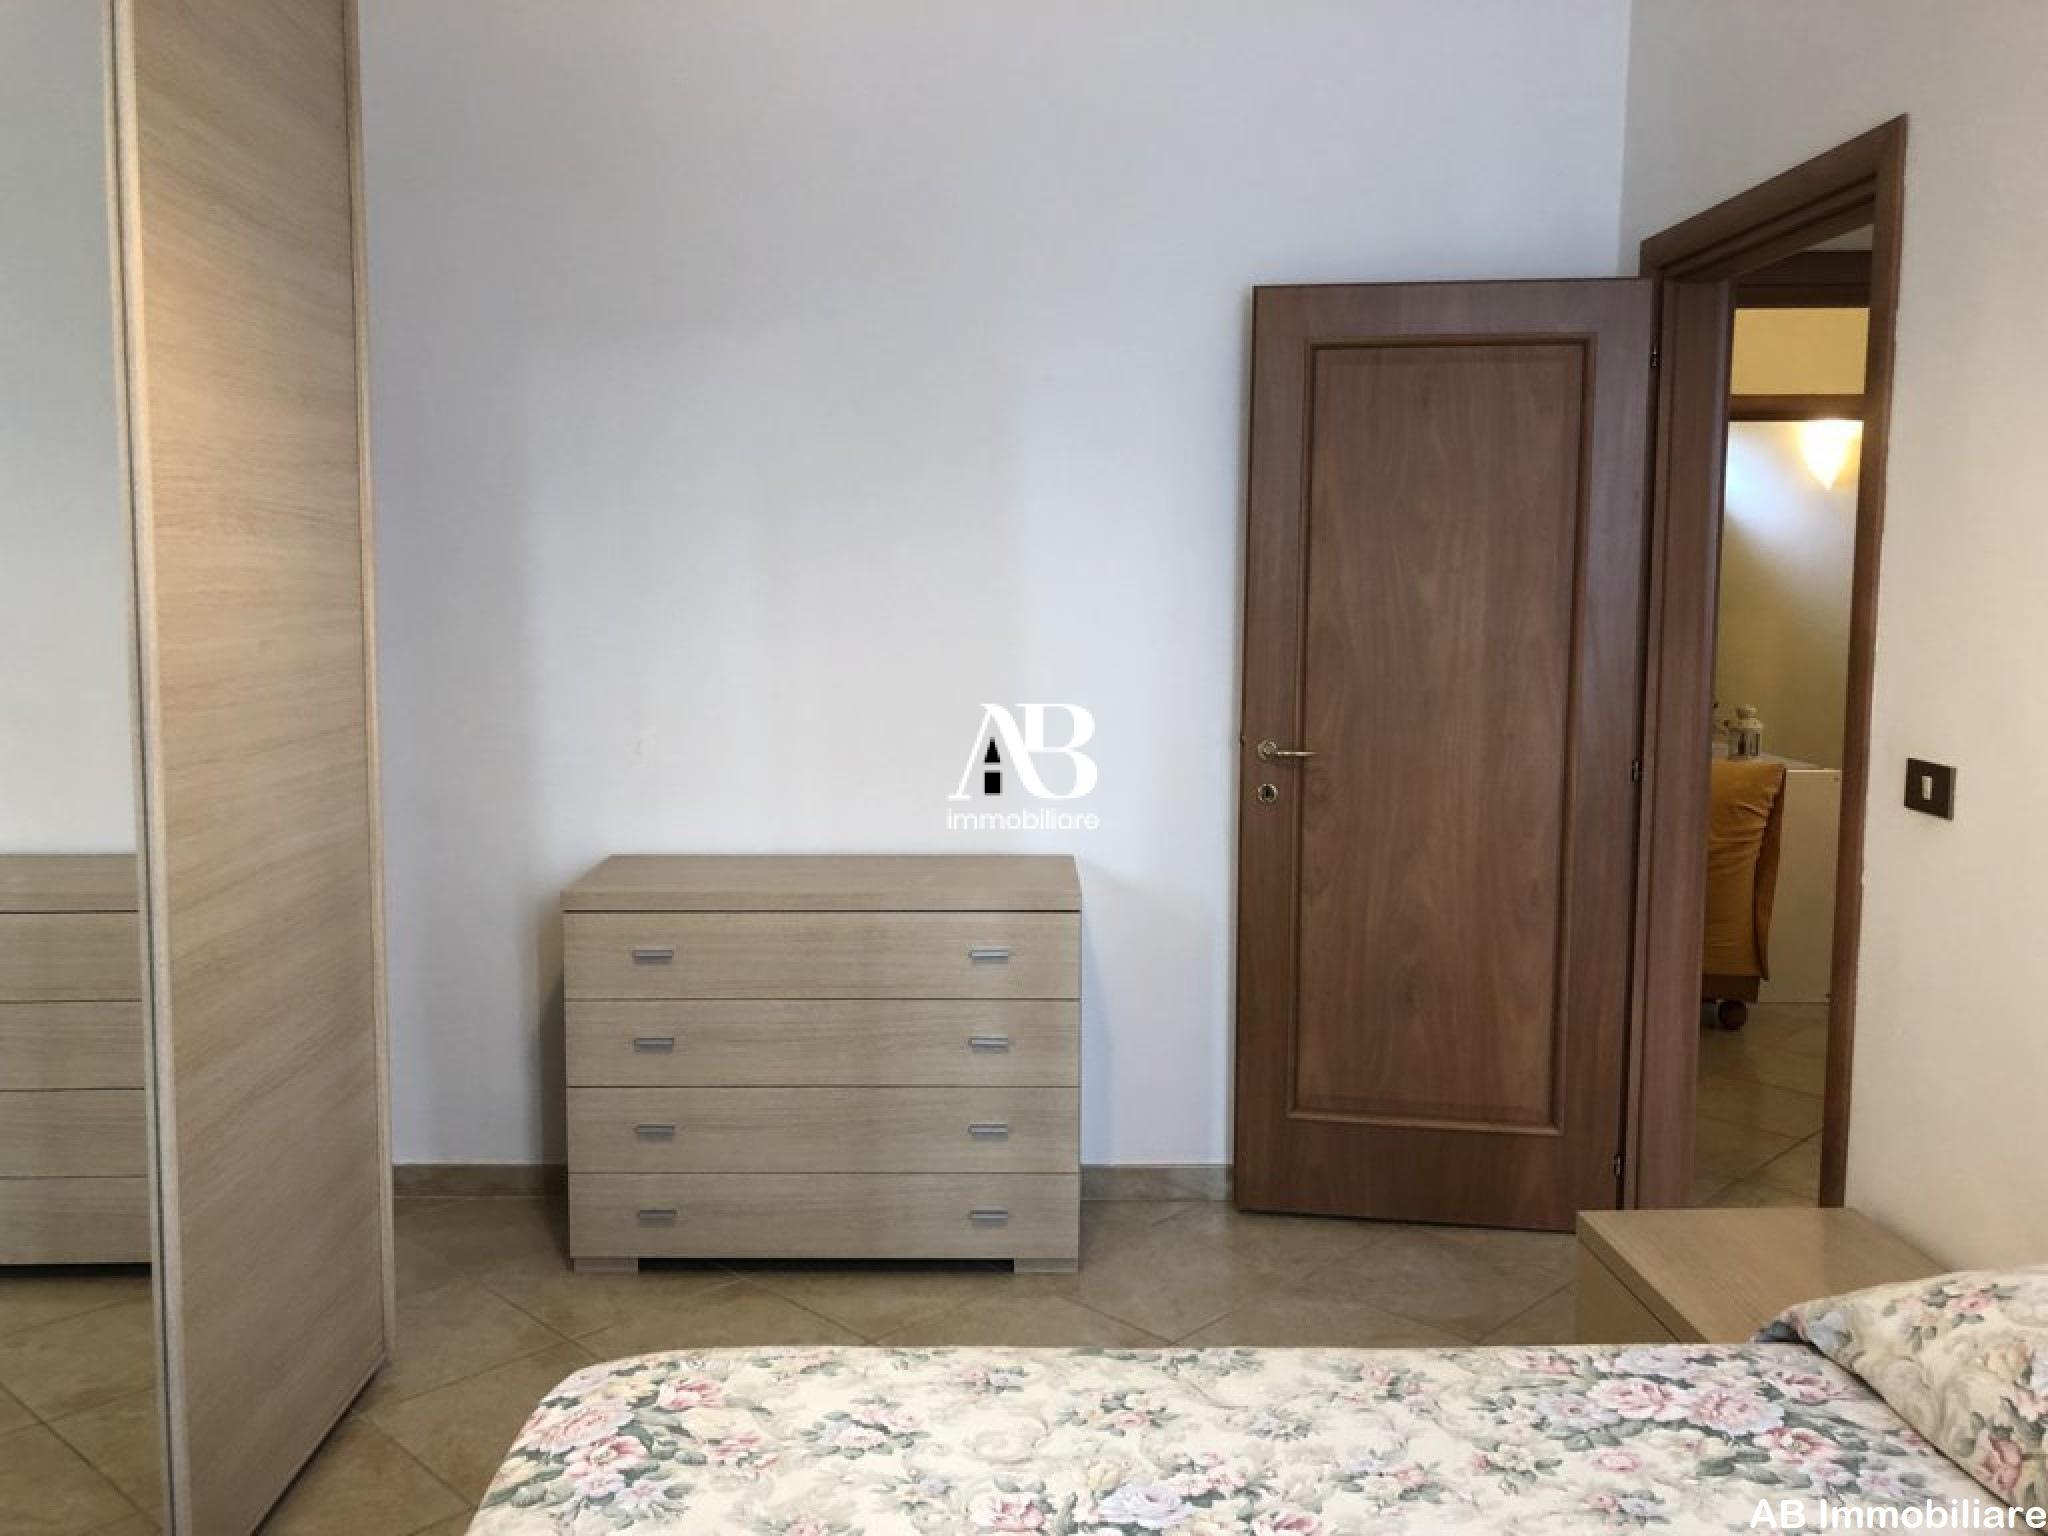 Appartamento piano terra con corte